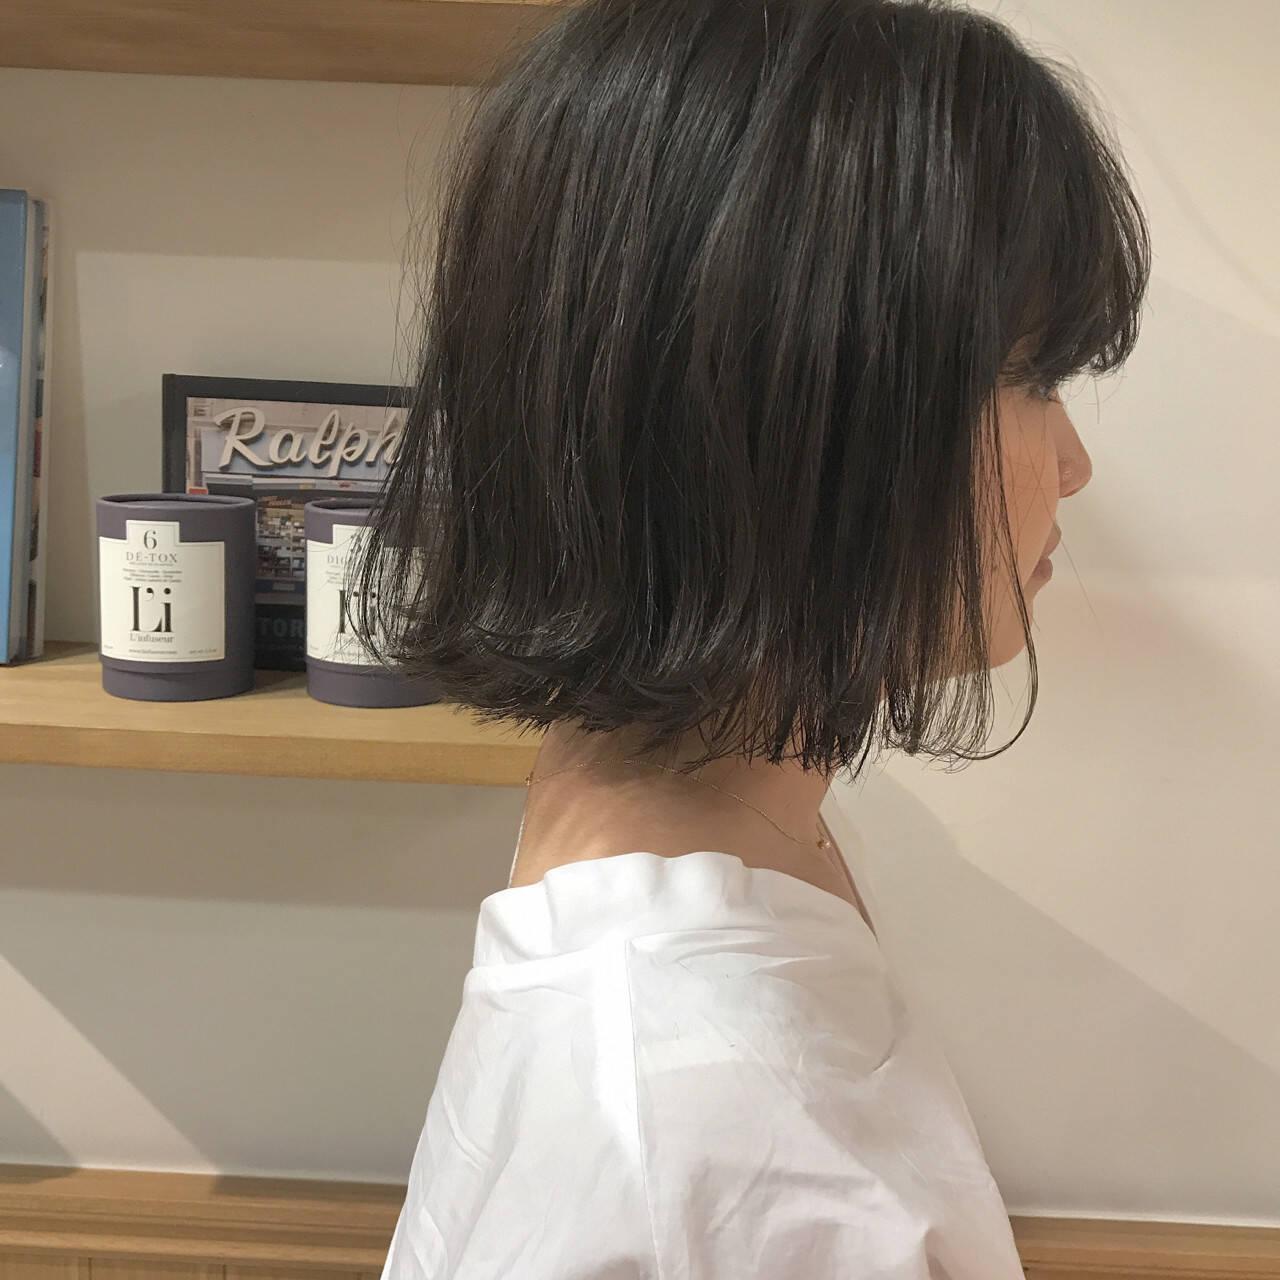 ナチュラル ハイライト 透明感 外ハネヘアスタイルや髪型の写真・画像